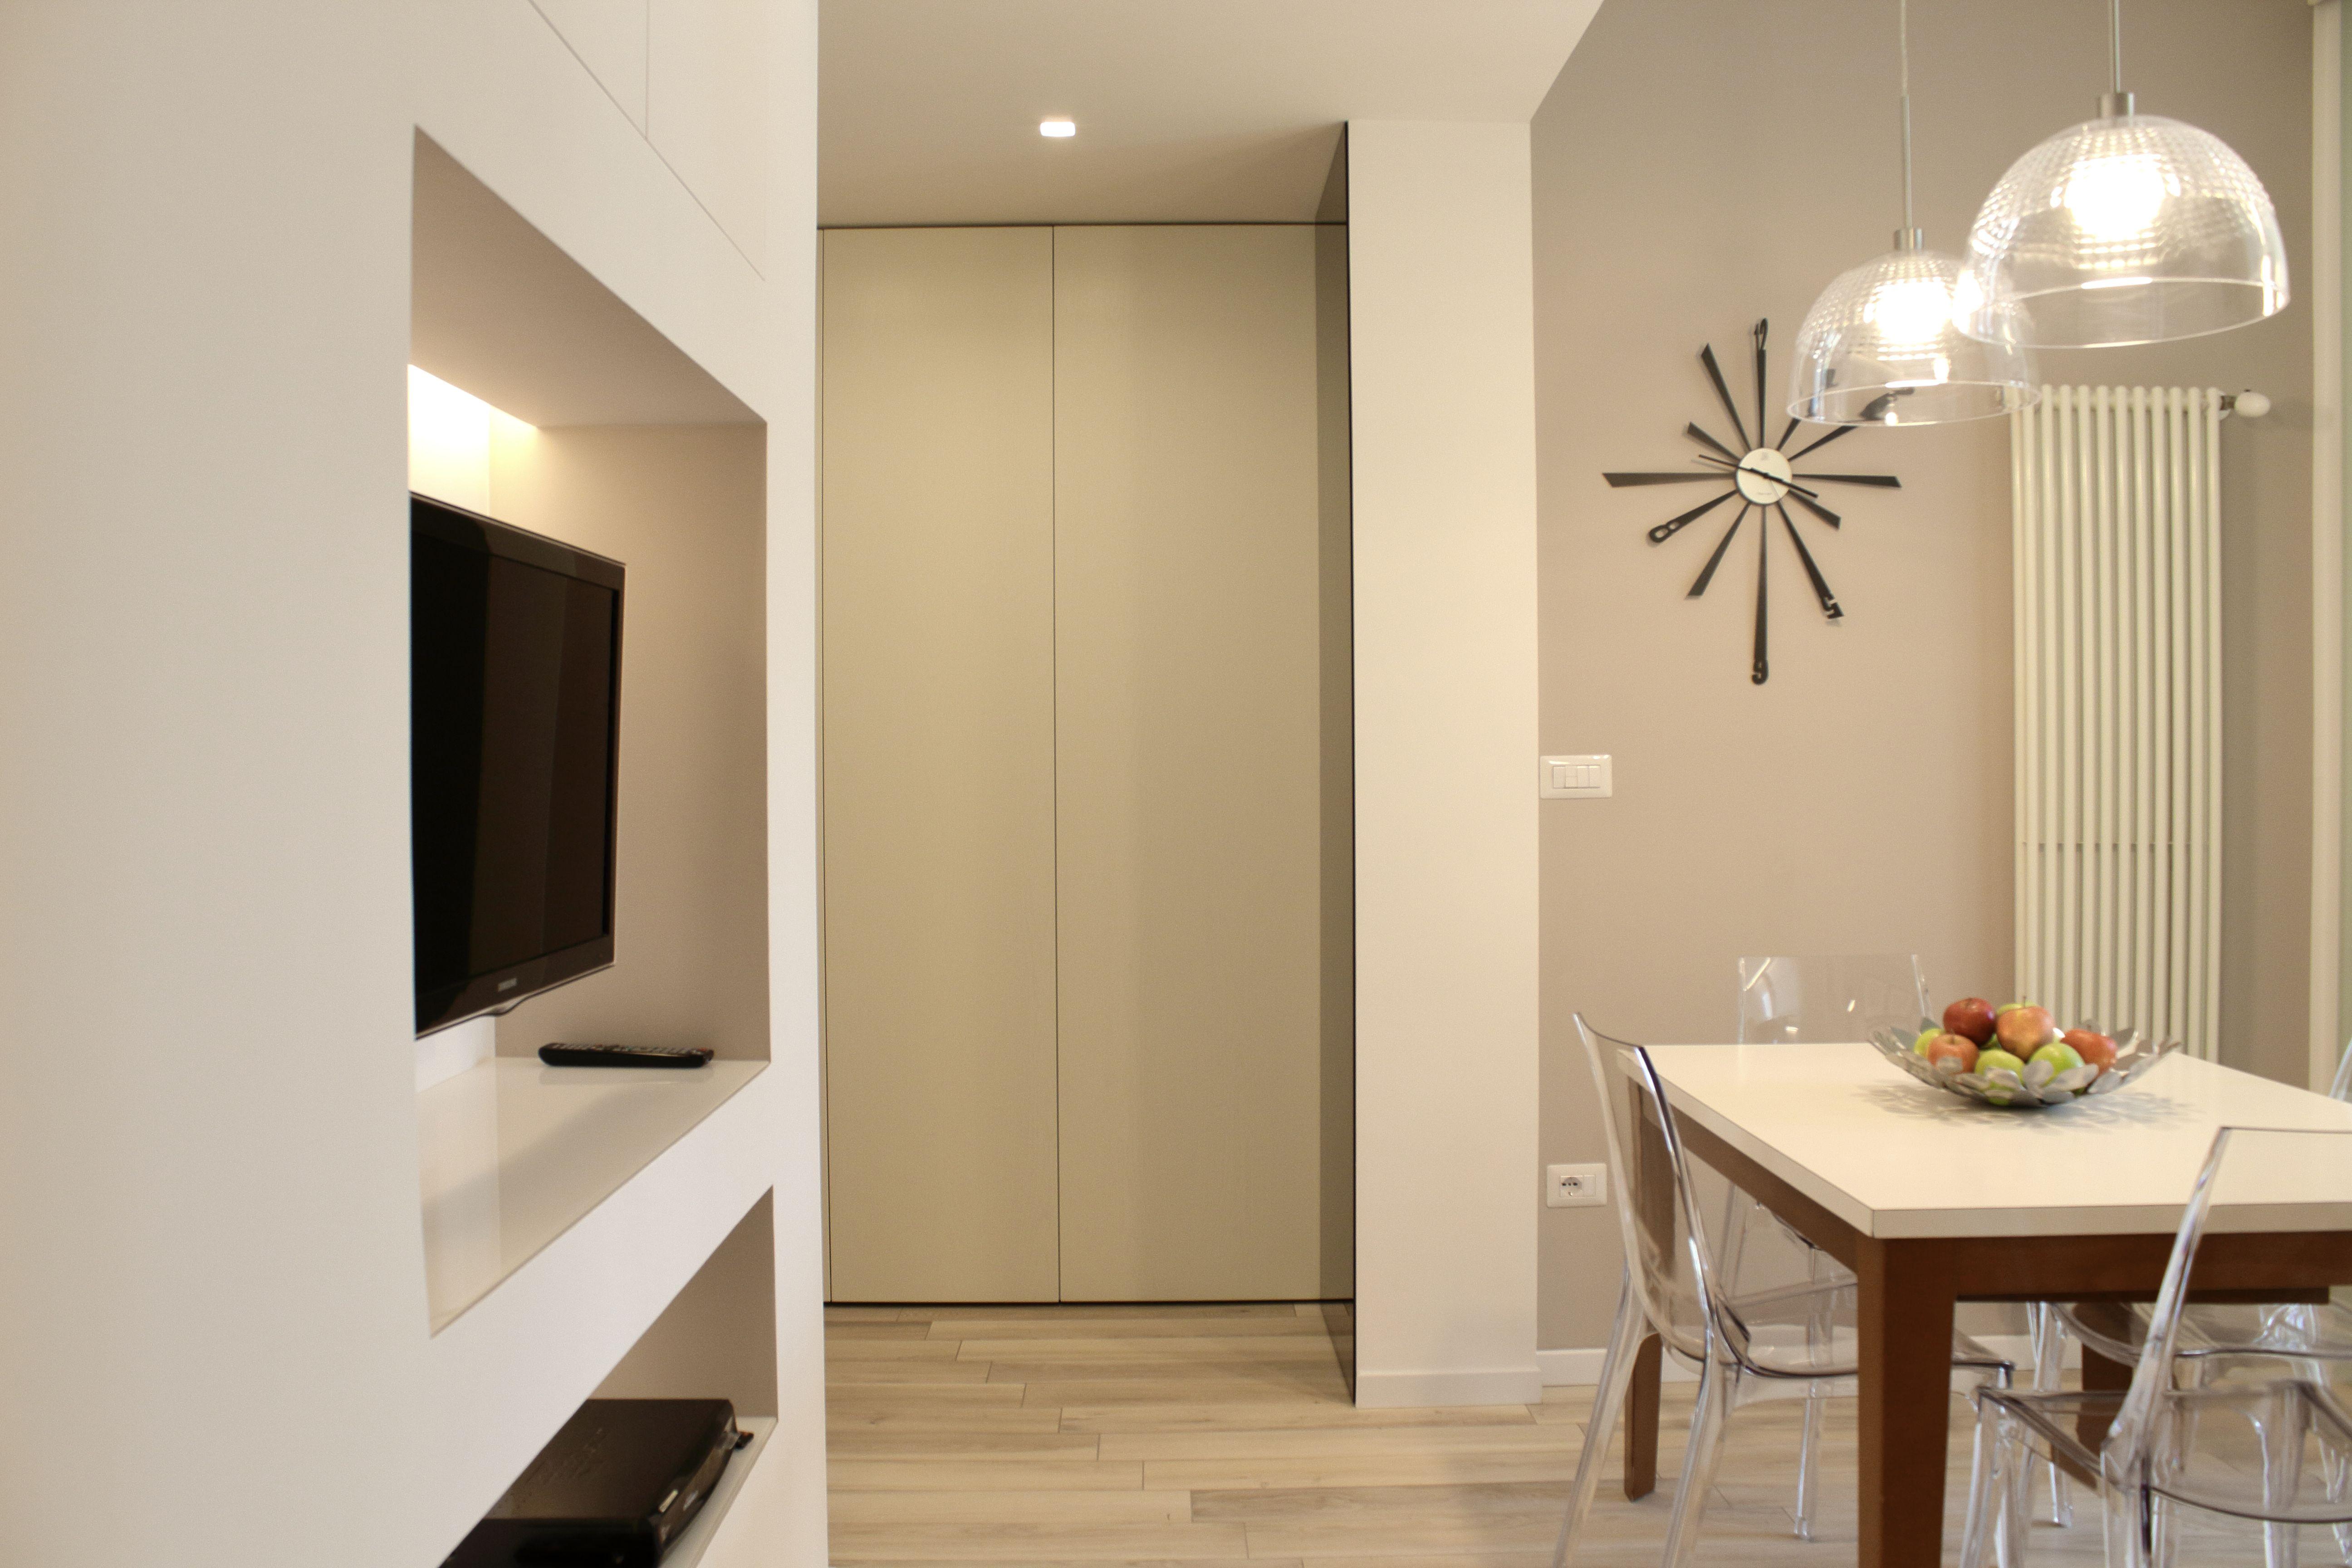 Zona living in stile contemporaneo particolare zona ingresso con